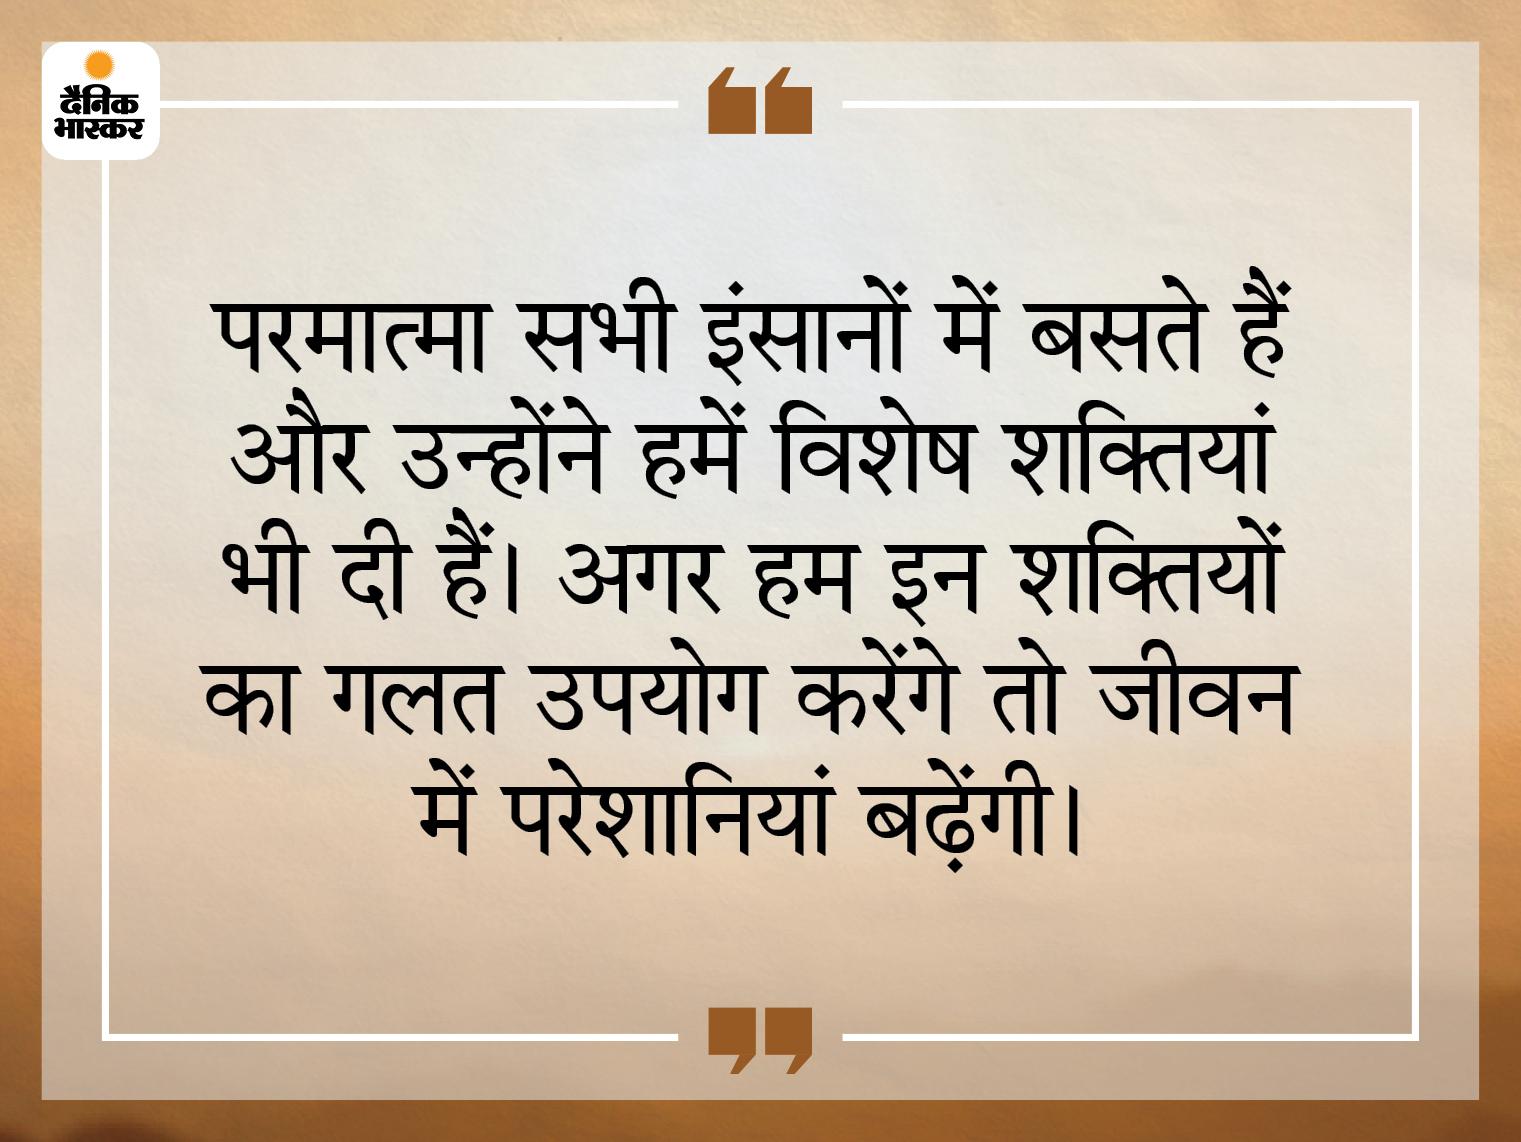 हर इंसान को भगवान ने कुछ खास गुण दिए हैं, इनका दुरुपयोग नहीं करना चाहिए|ज्योतिष,Jyotish - Dainik Bhaskar